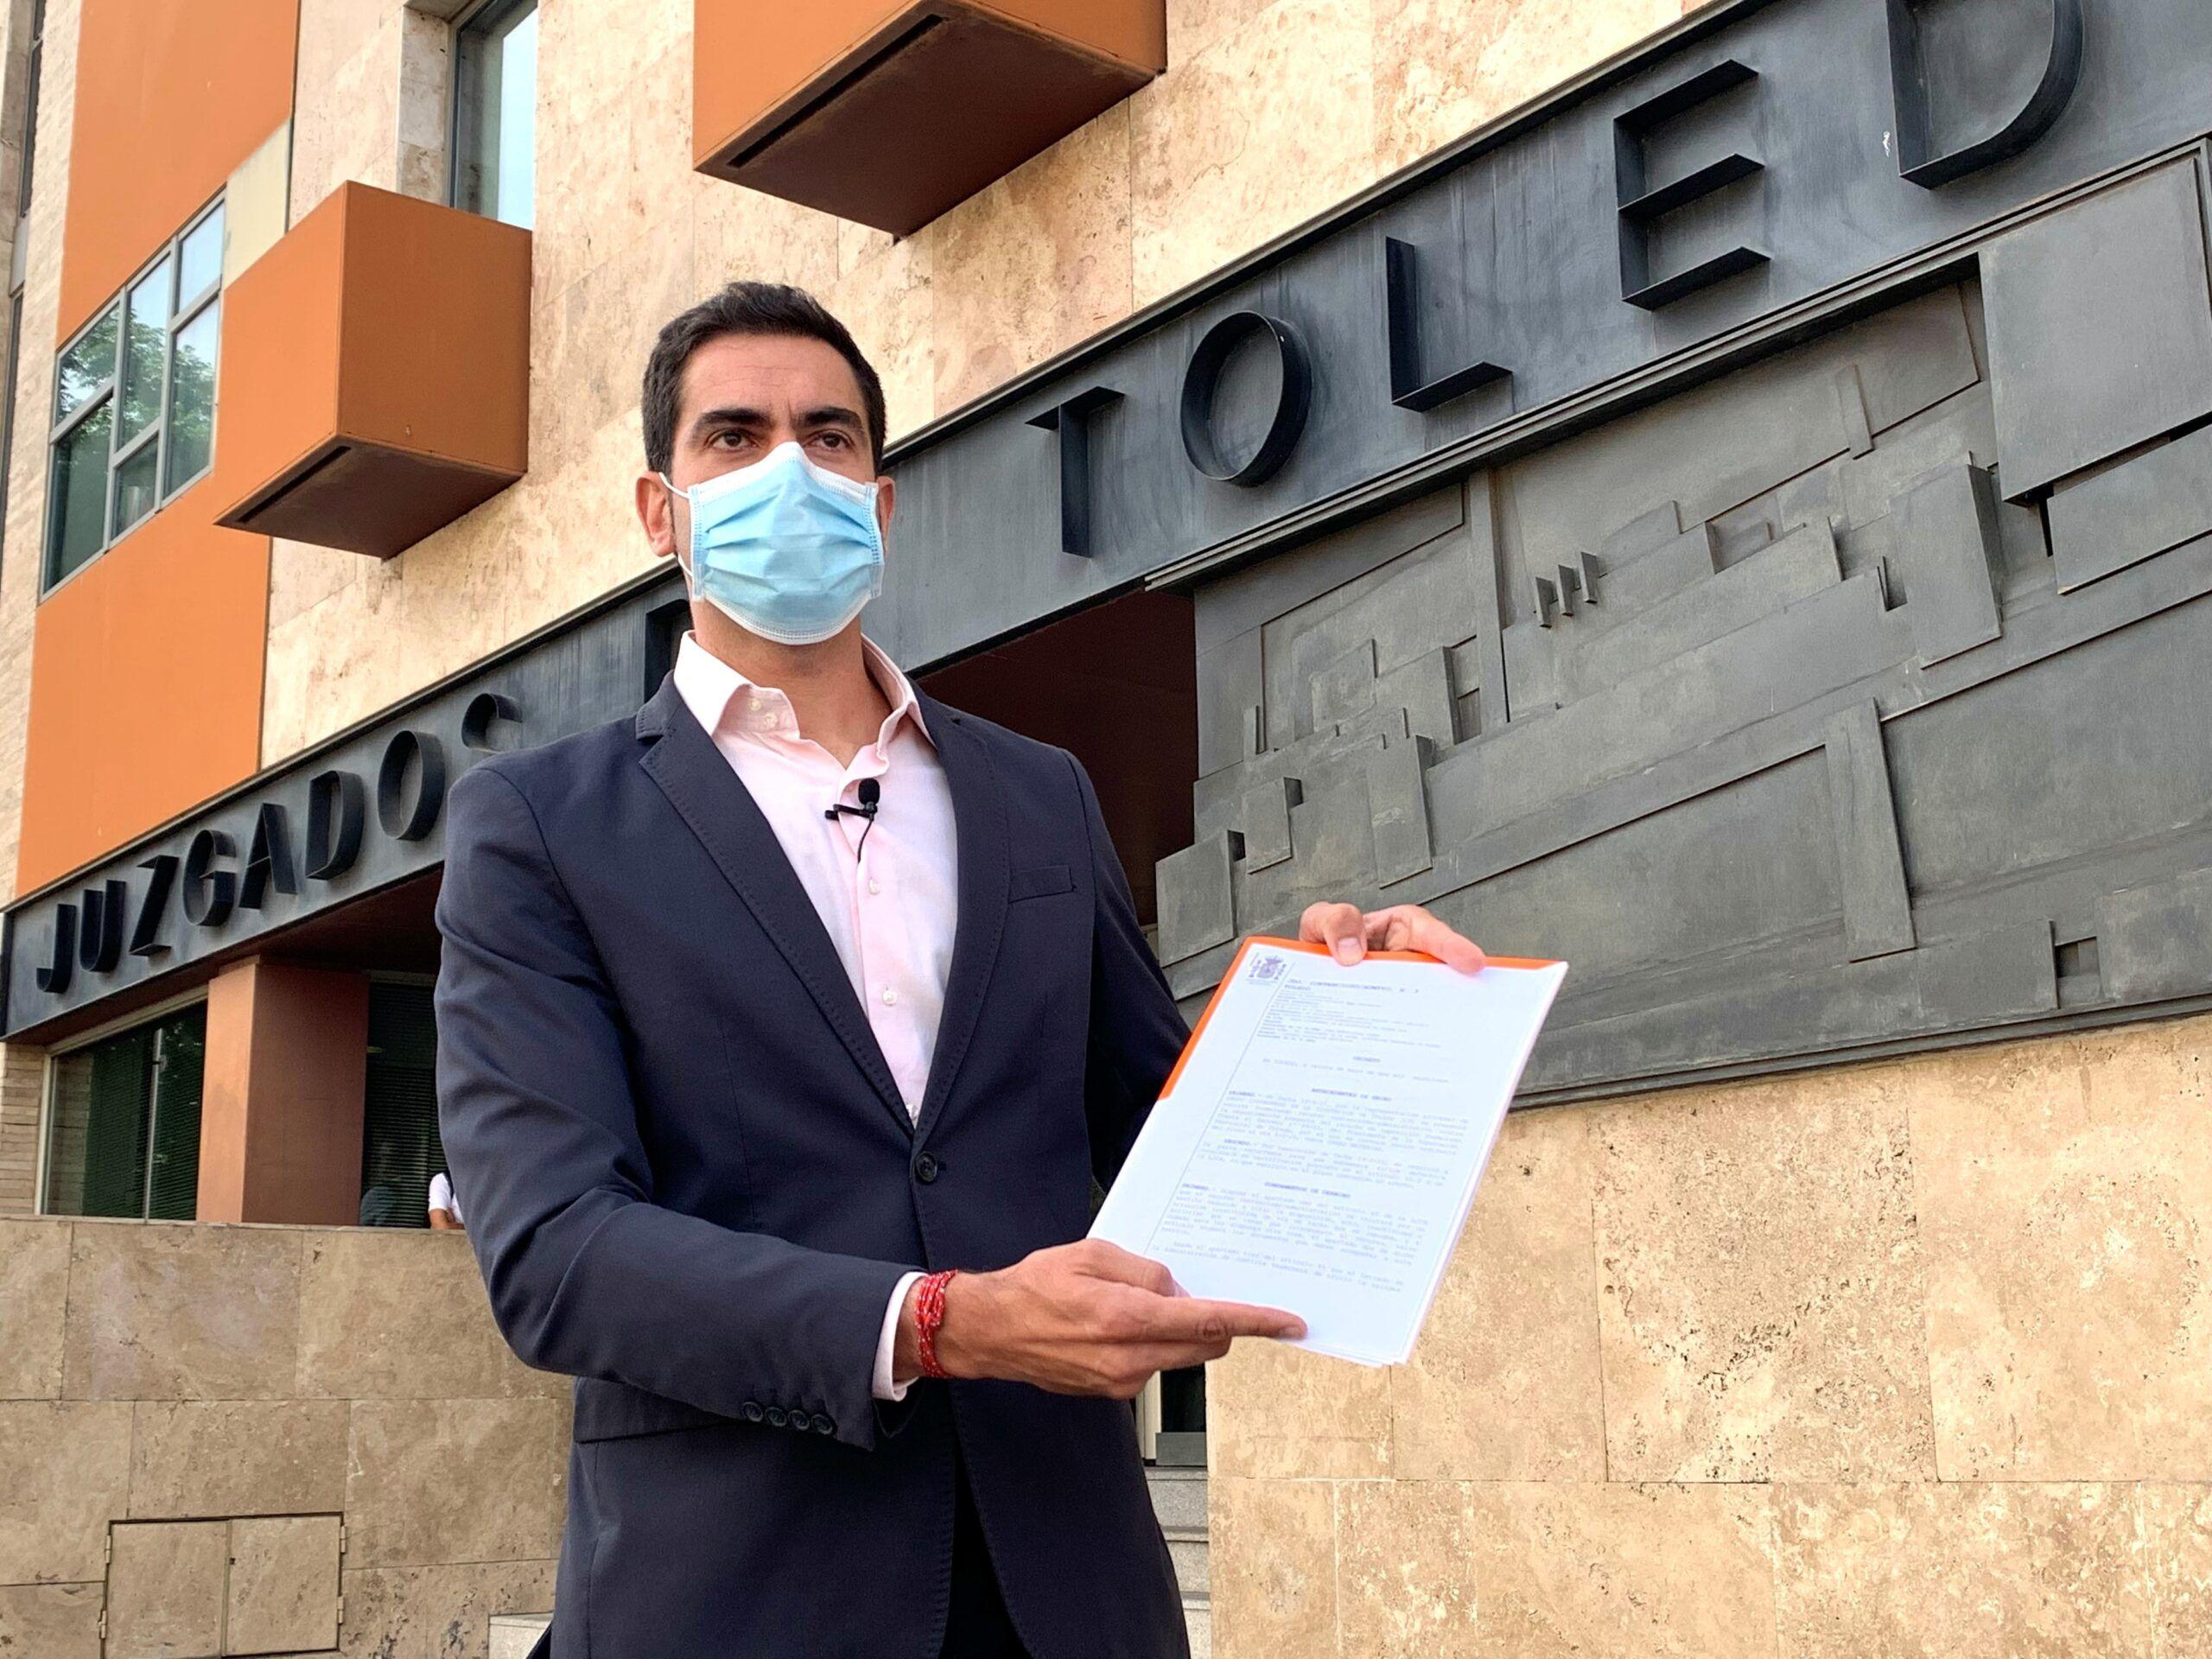 Un juzgado de Toledo admite a trámite el recurso del Grupo Cs contra la Diputación por vulnerar su derecho fundamental de representación política